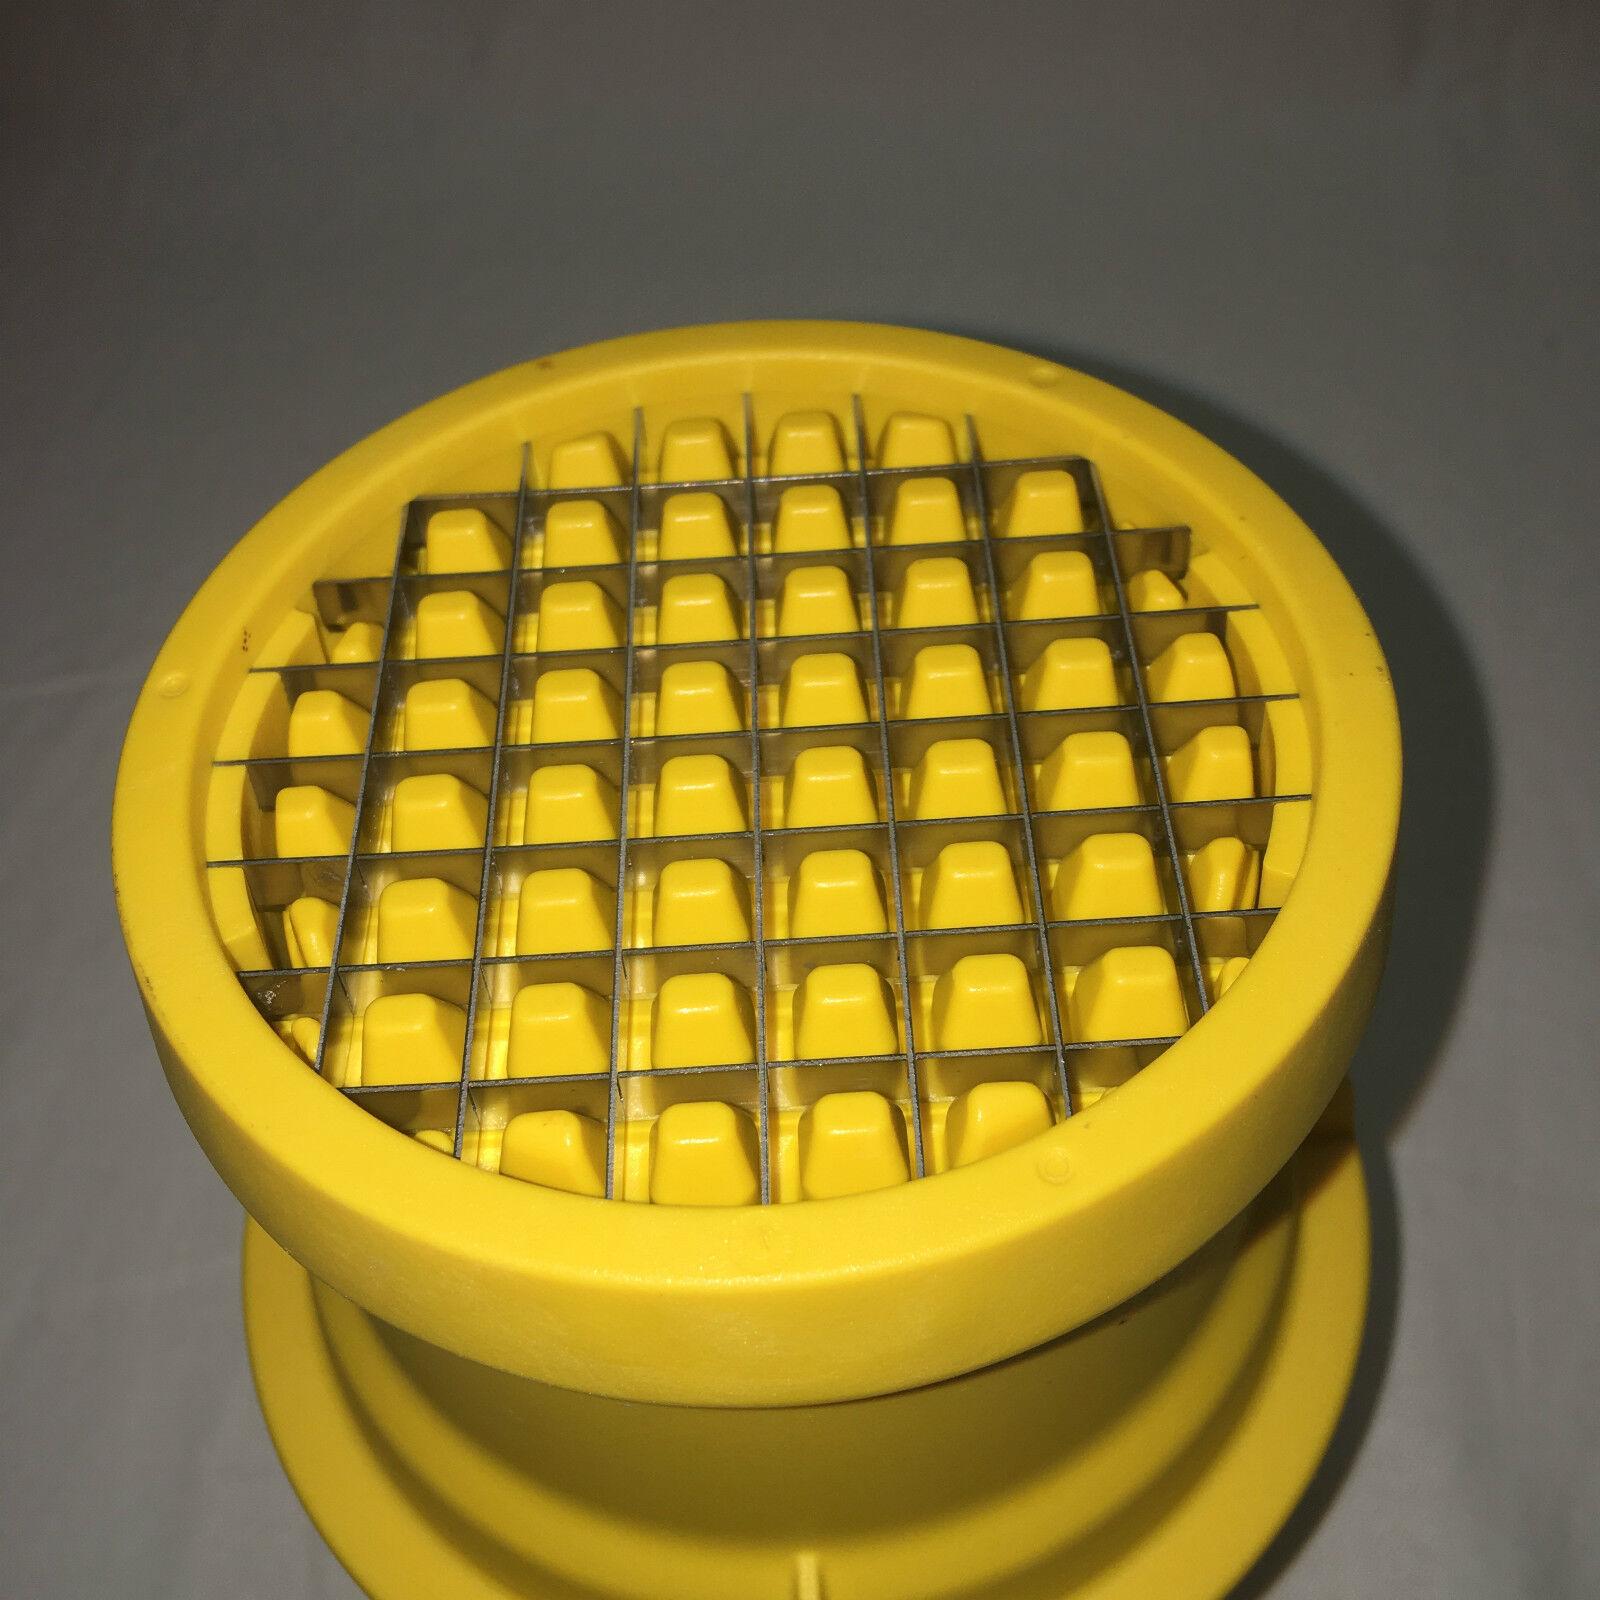 Tupperware - Profi-Chef - Universalschneider  - 10 10 10 mm Aufsatz - K54 - K56 214f17